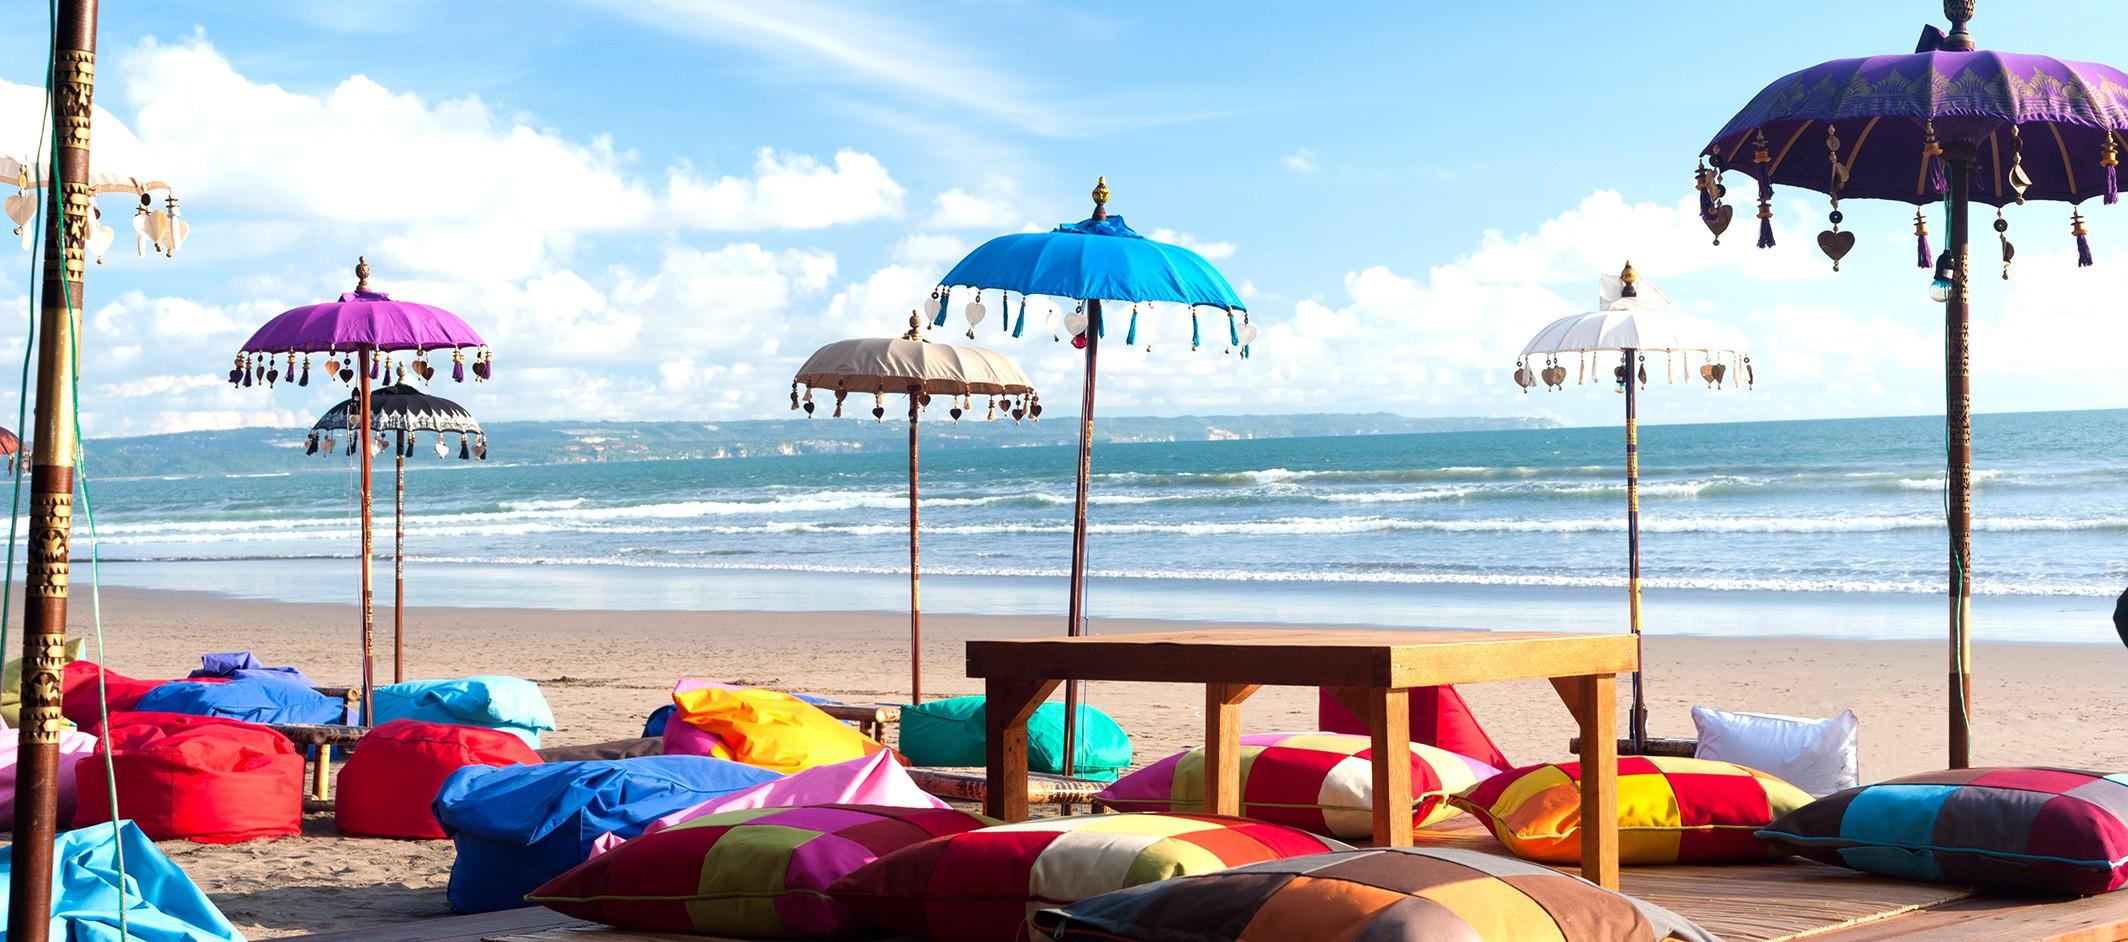 Bali beach kuta